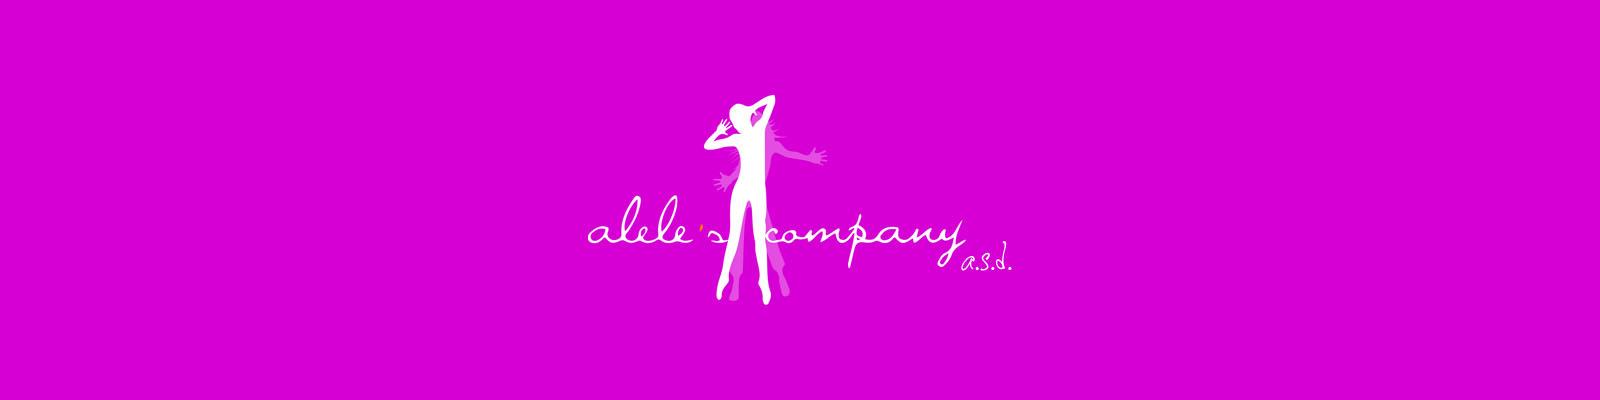 Baby Dance Viale Abruzzi Milano - Prenota subito la tua lezione di prova